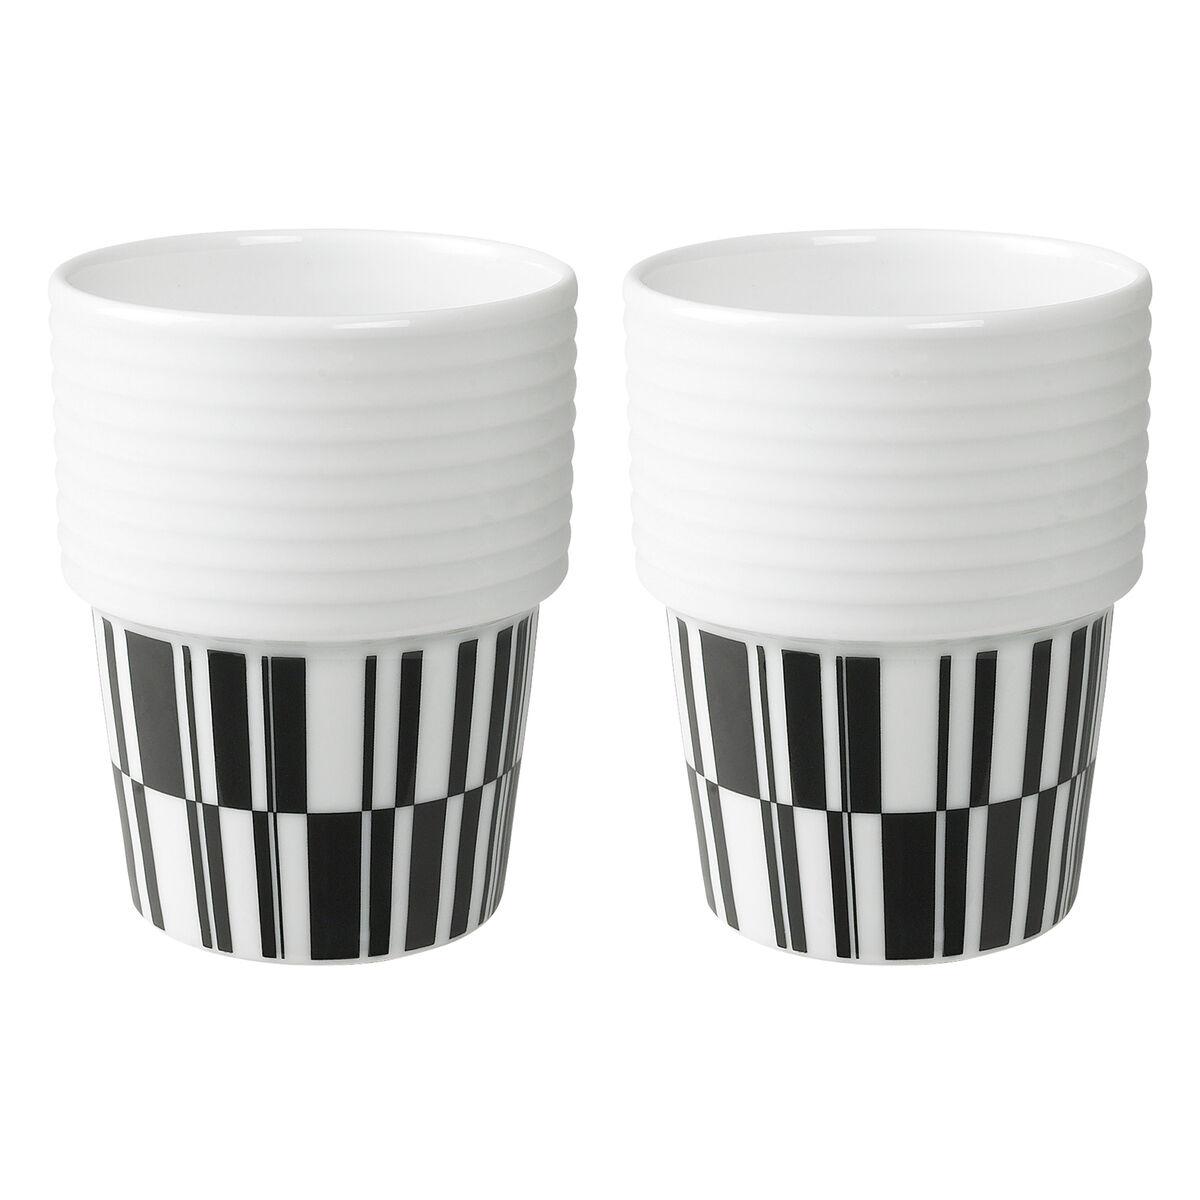 R�rstrand Filippa K kahvimuki 0,31 L, 2 kpl, Deco